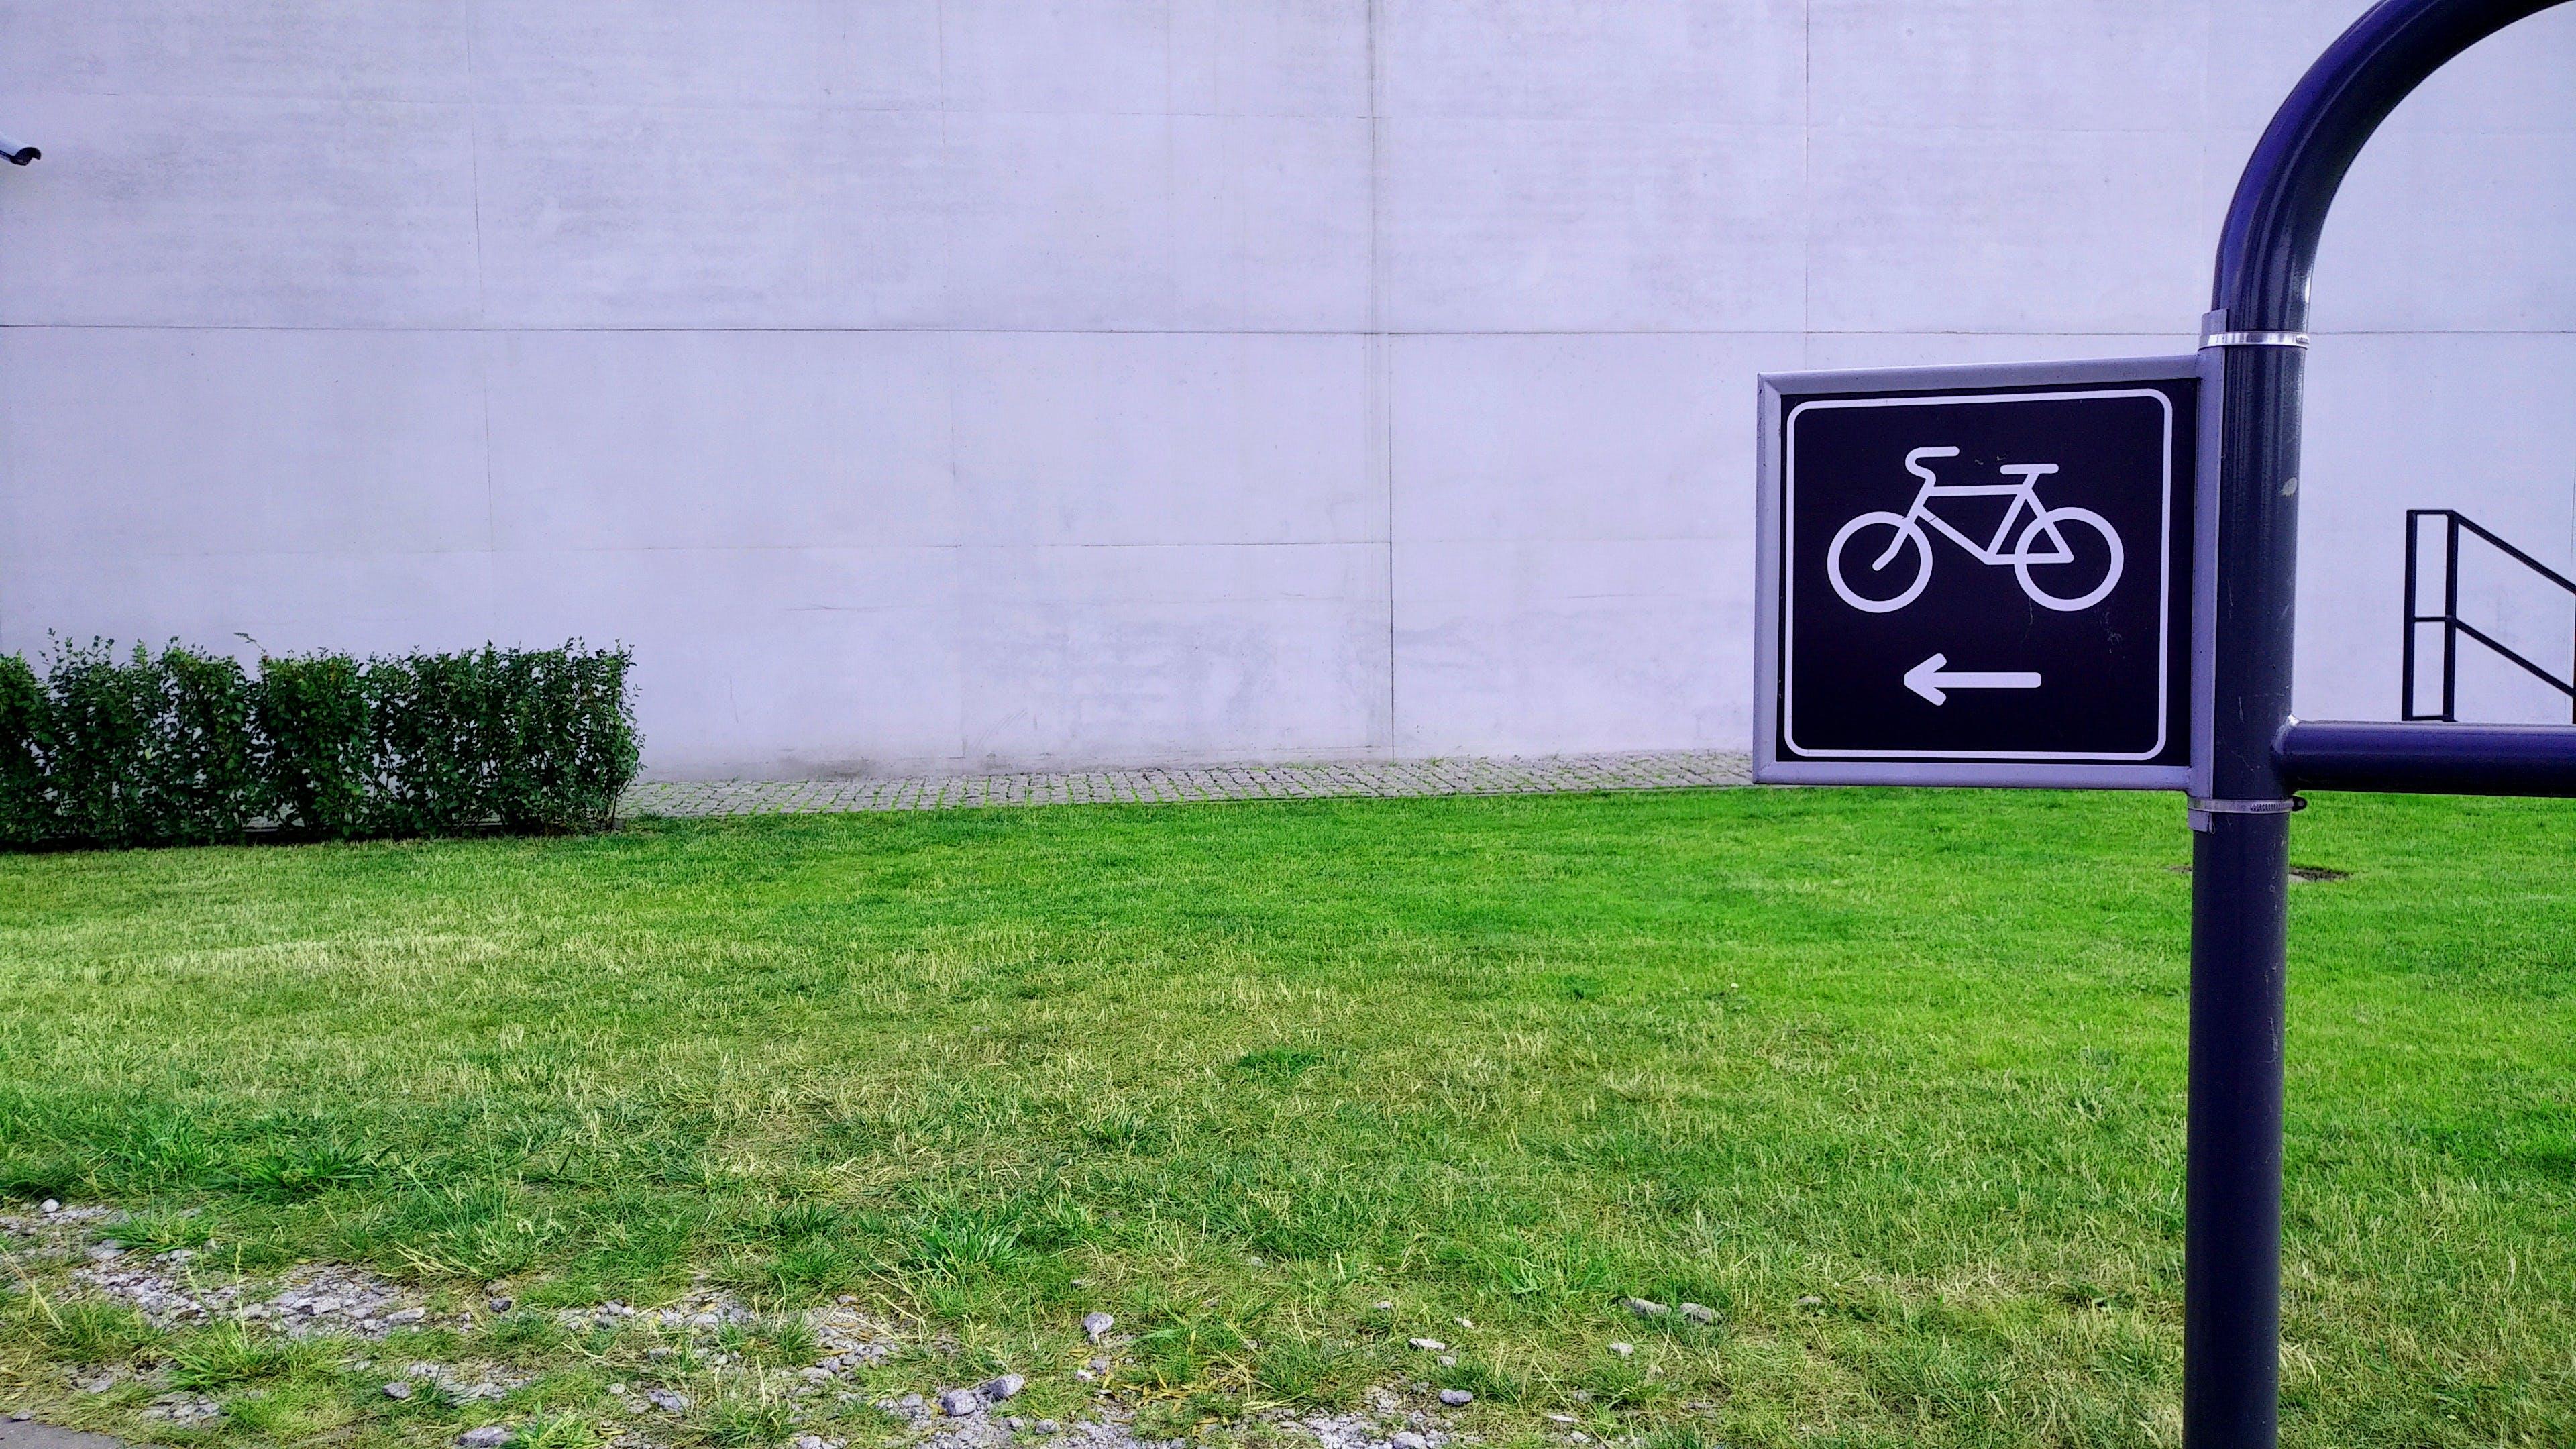 ドロガ・ロワーワ, プレート, 自転車のサイン, 自転車トラックの無料の写真素材